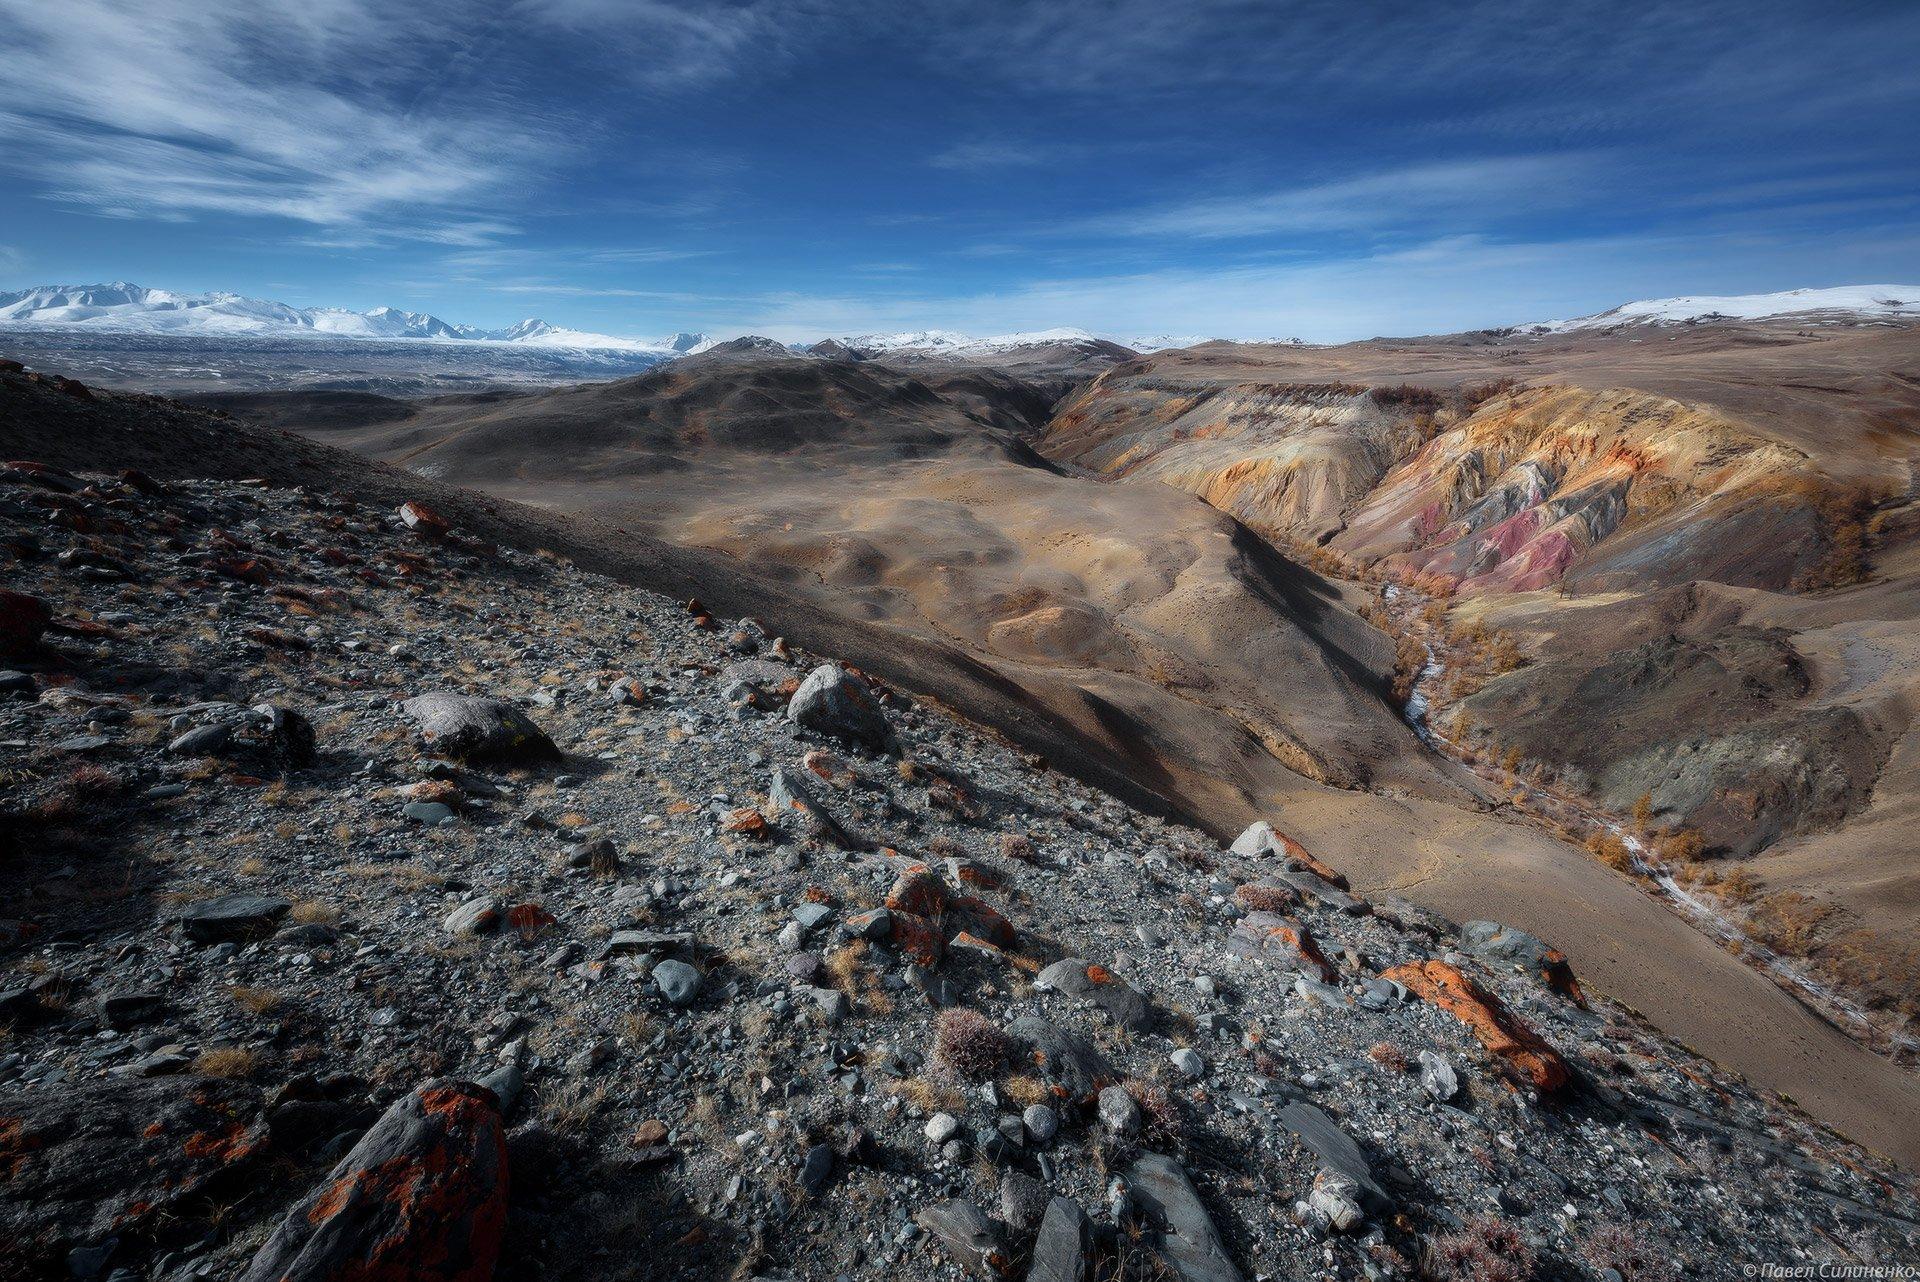 Алтай, пейзаж, горы, скалы, степь, марс, камни, Россия, ючх, Павел Силиненко